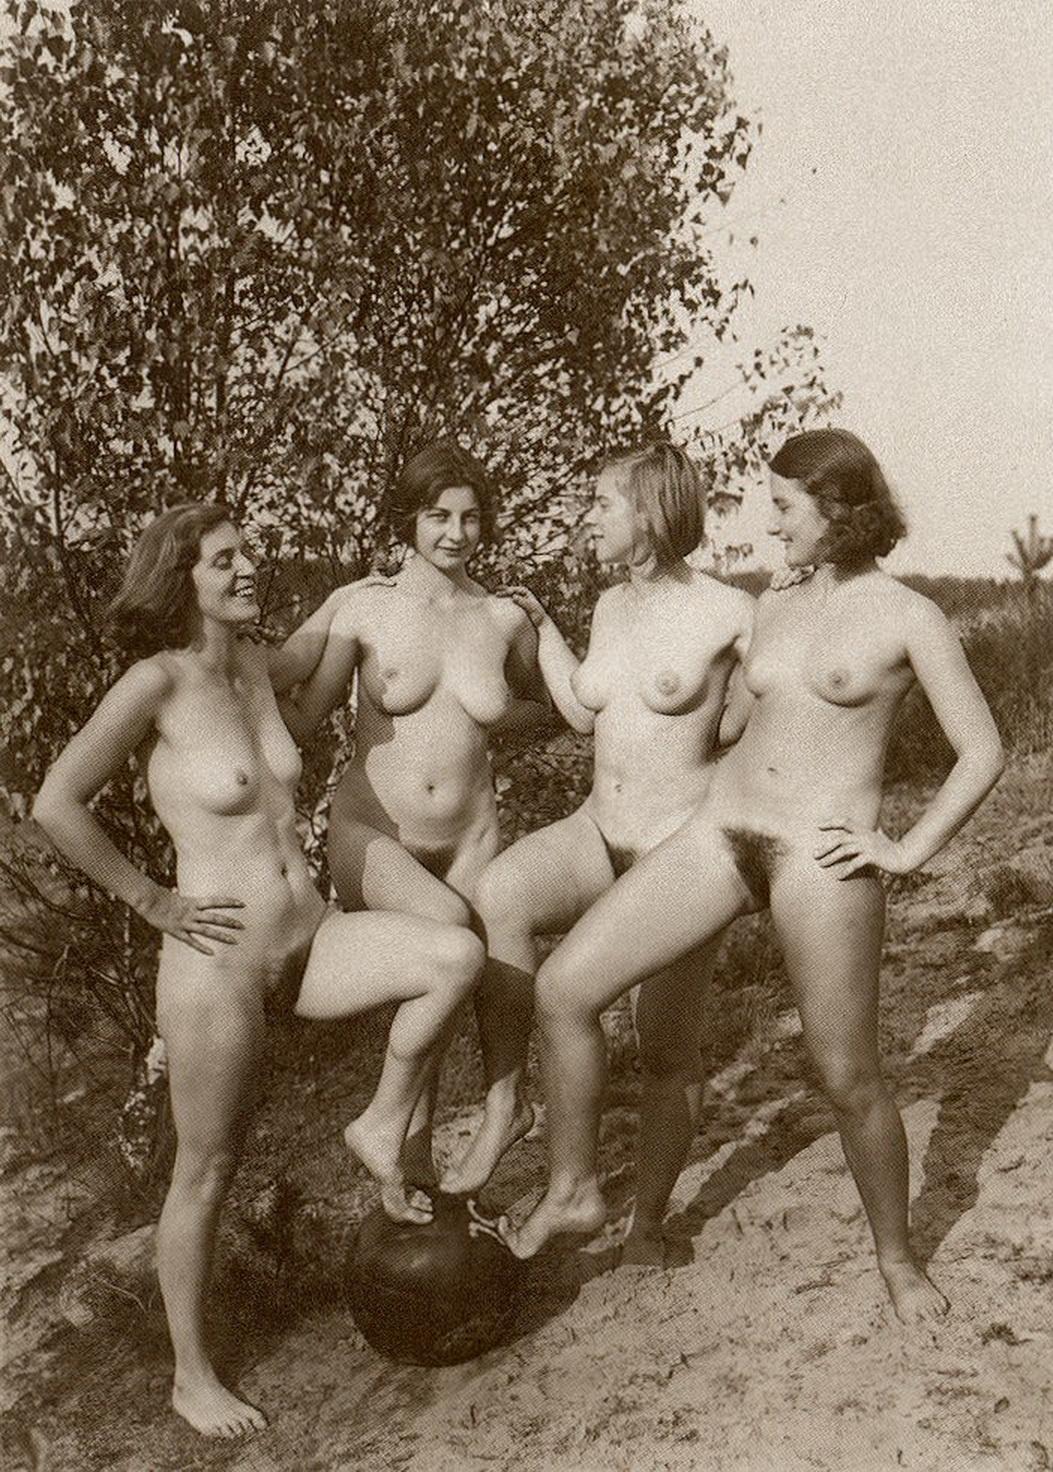 тем недостает ххх фото нацистов на пляжах правое ухо шептали